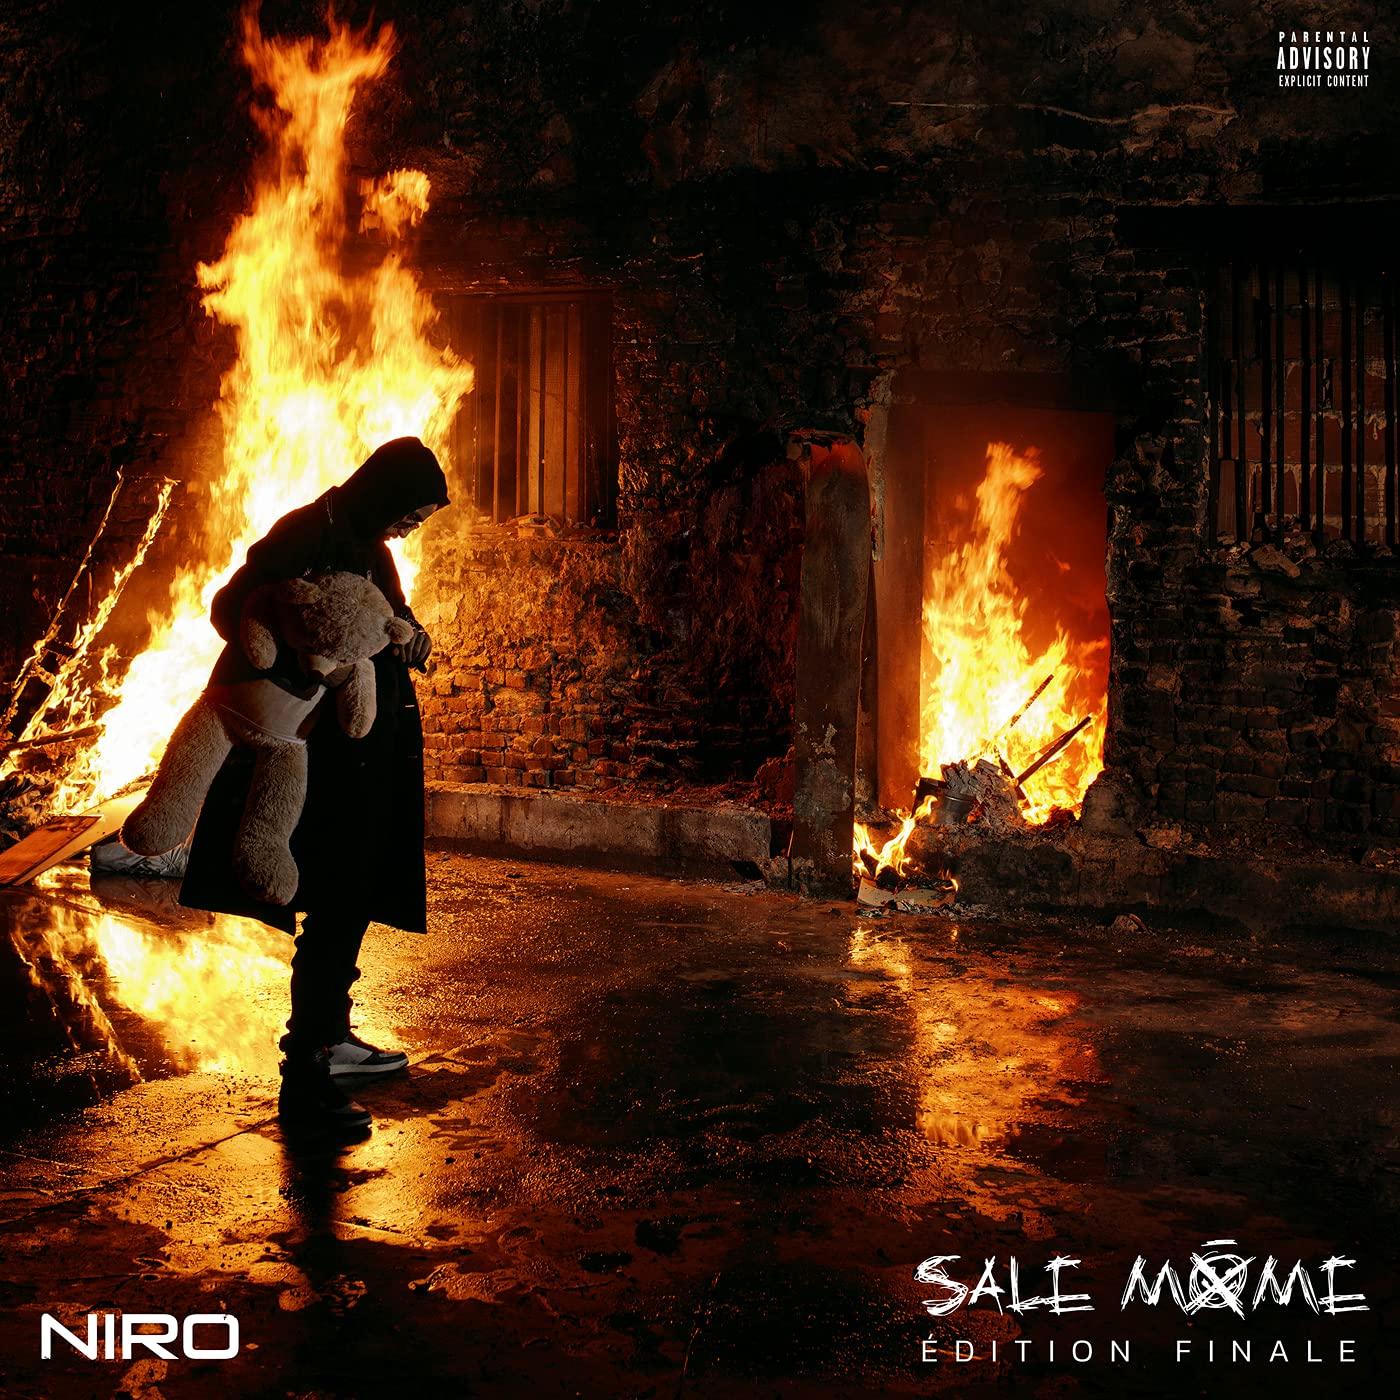 Niro - Sale Mome Edition Finale (2021) [FLAC] Download